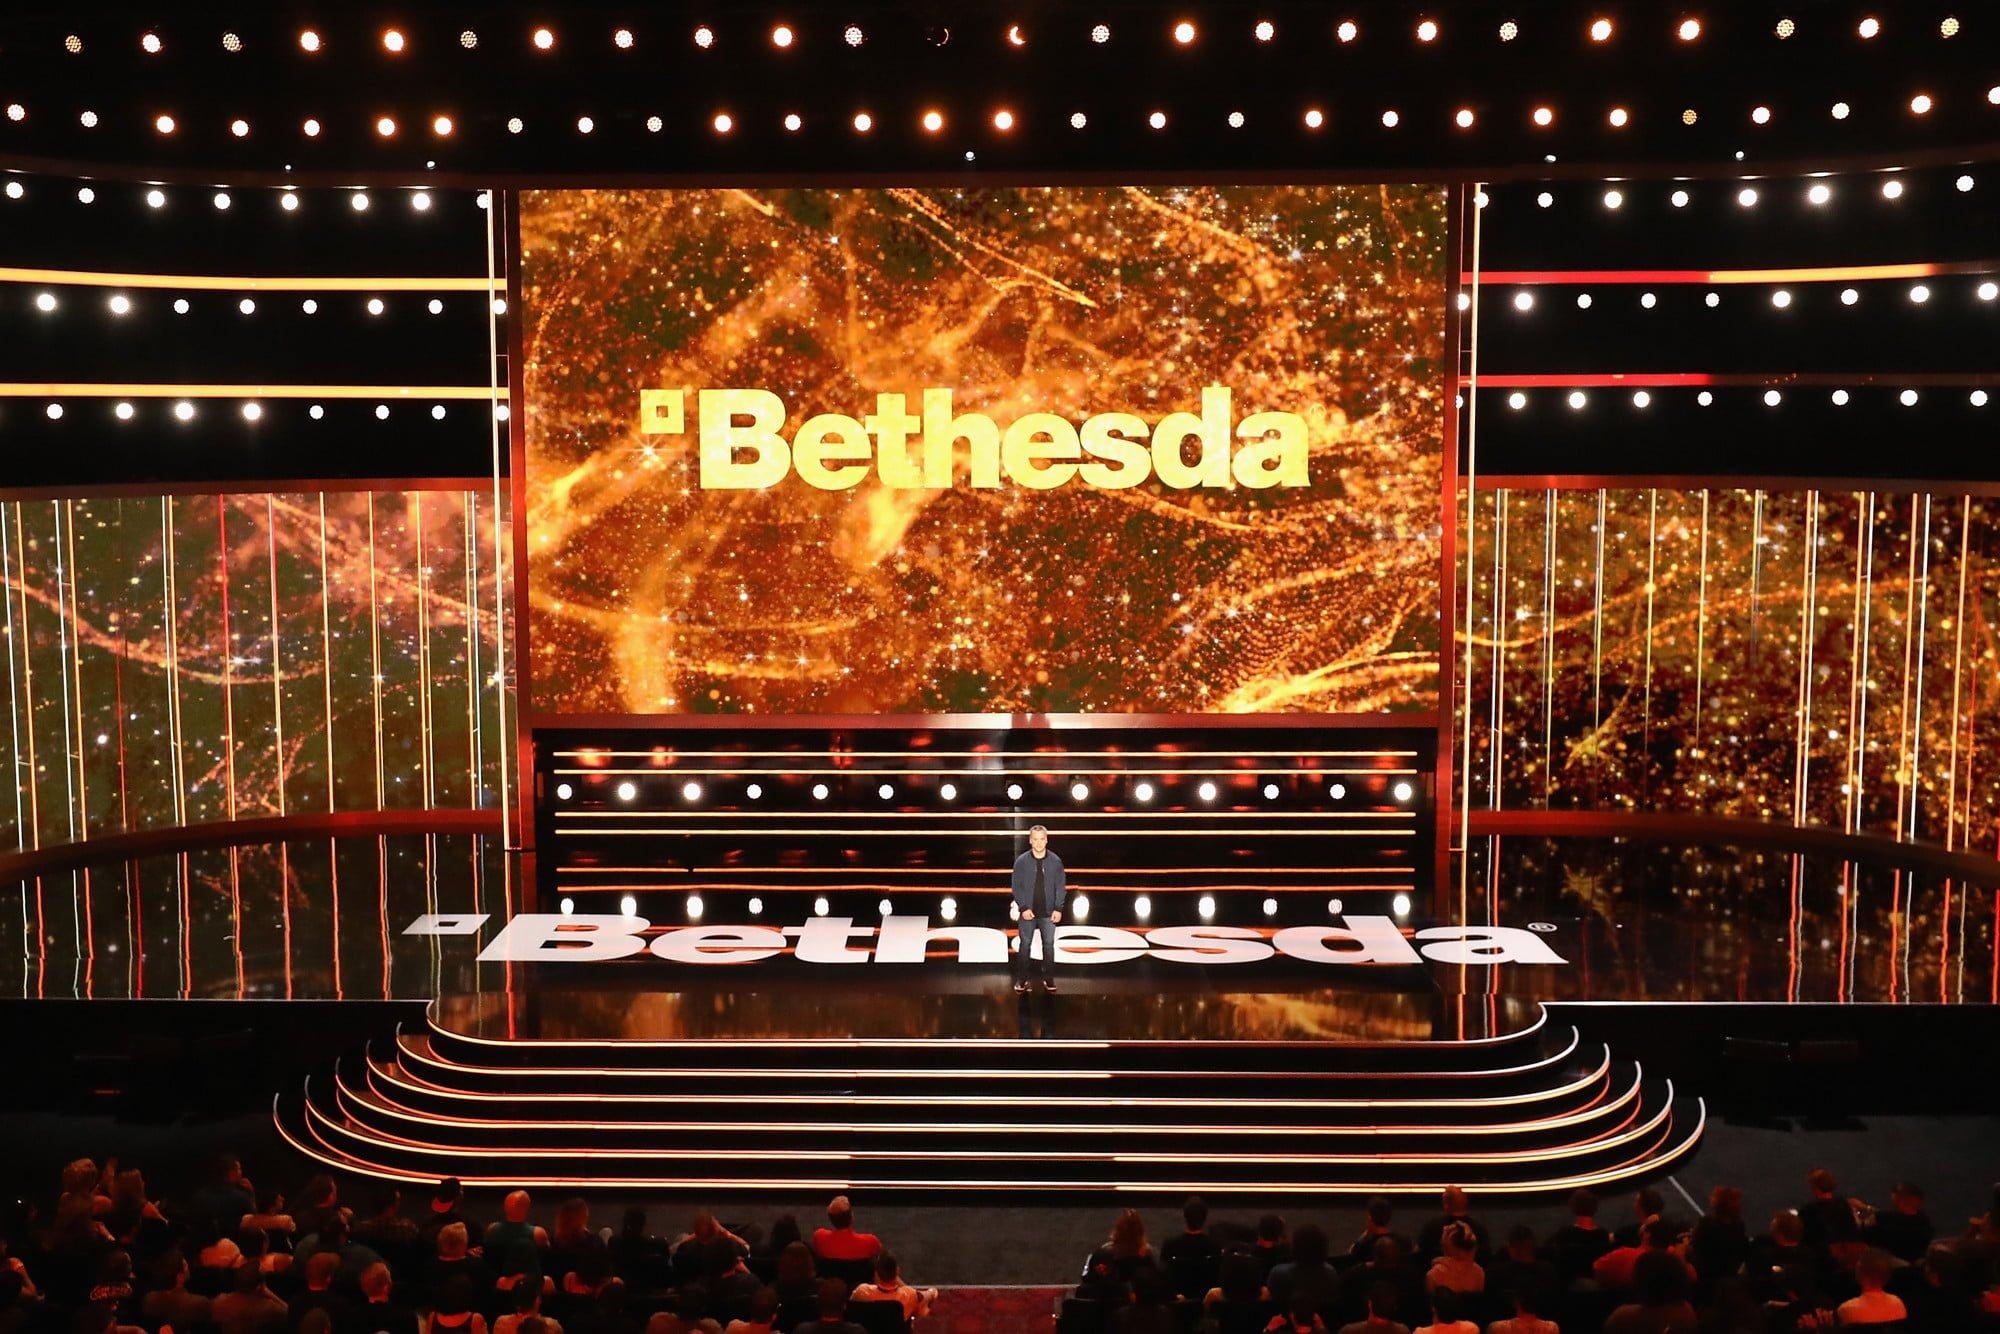 Microsoft will acquire Bethesda in blockbuster $7.5 billion deal